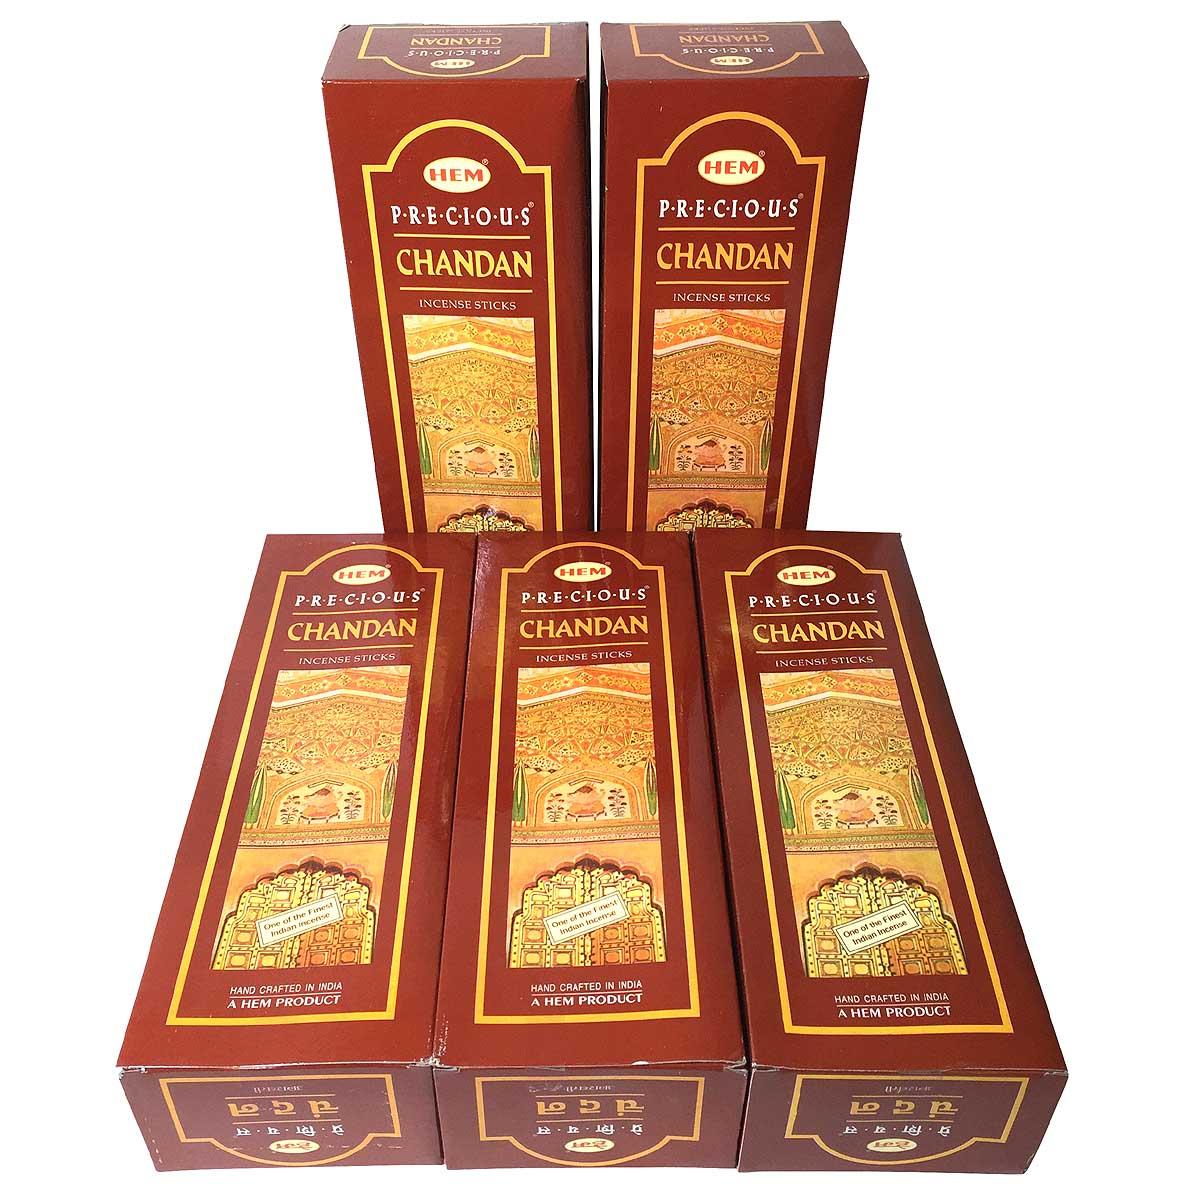 お香 チャンダン香 スティック 卸おまとめプライス5BOX(30箱)CHANDAN / インド香 / 宅配便送料無料